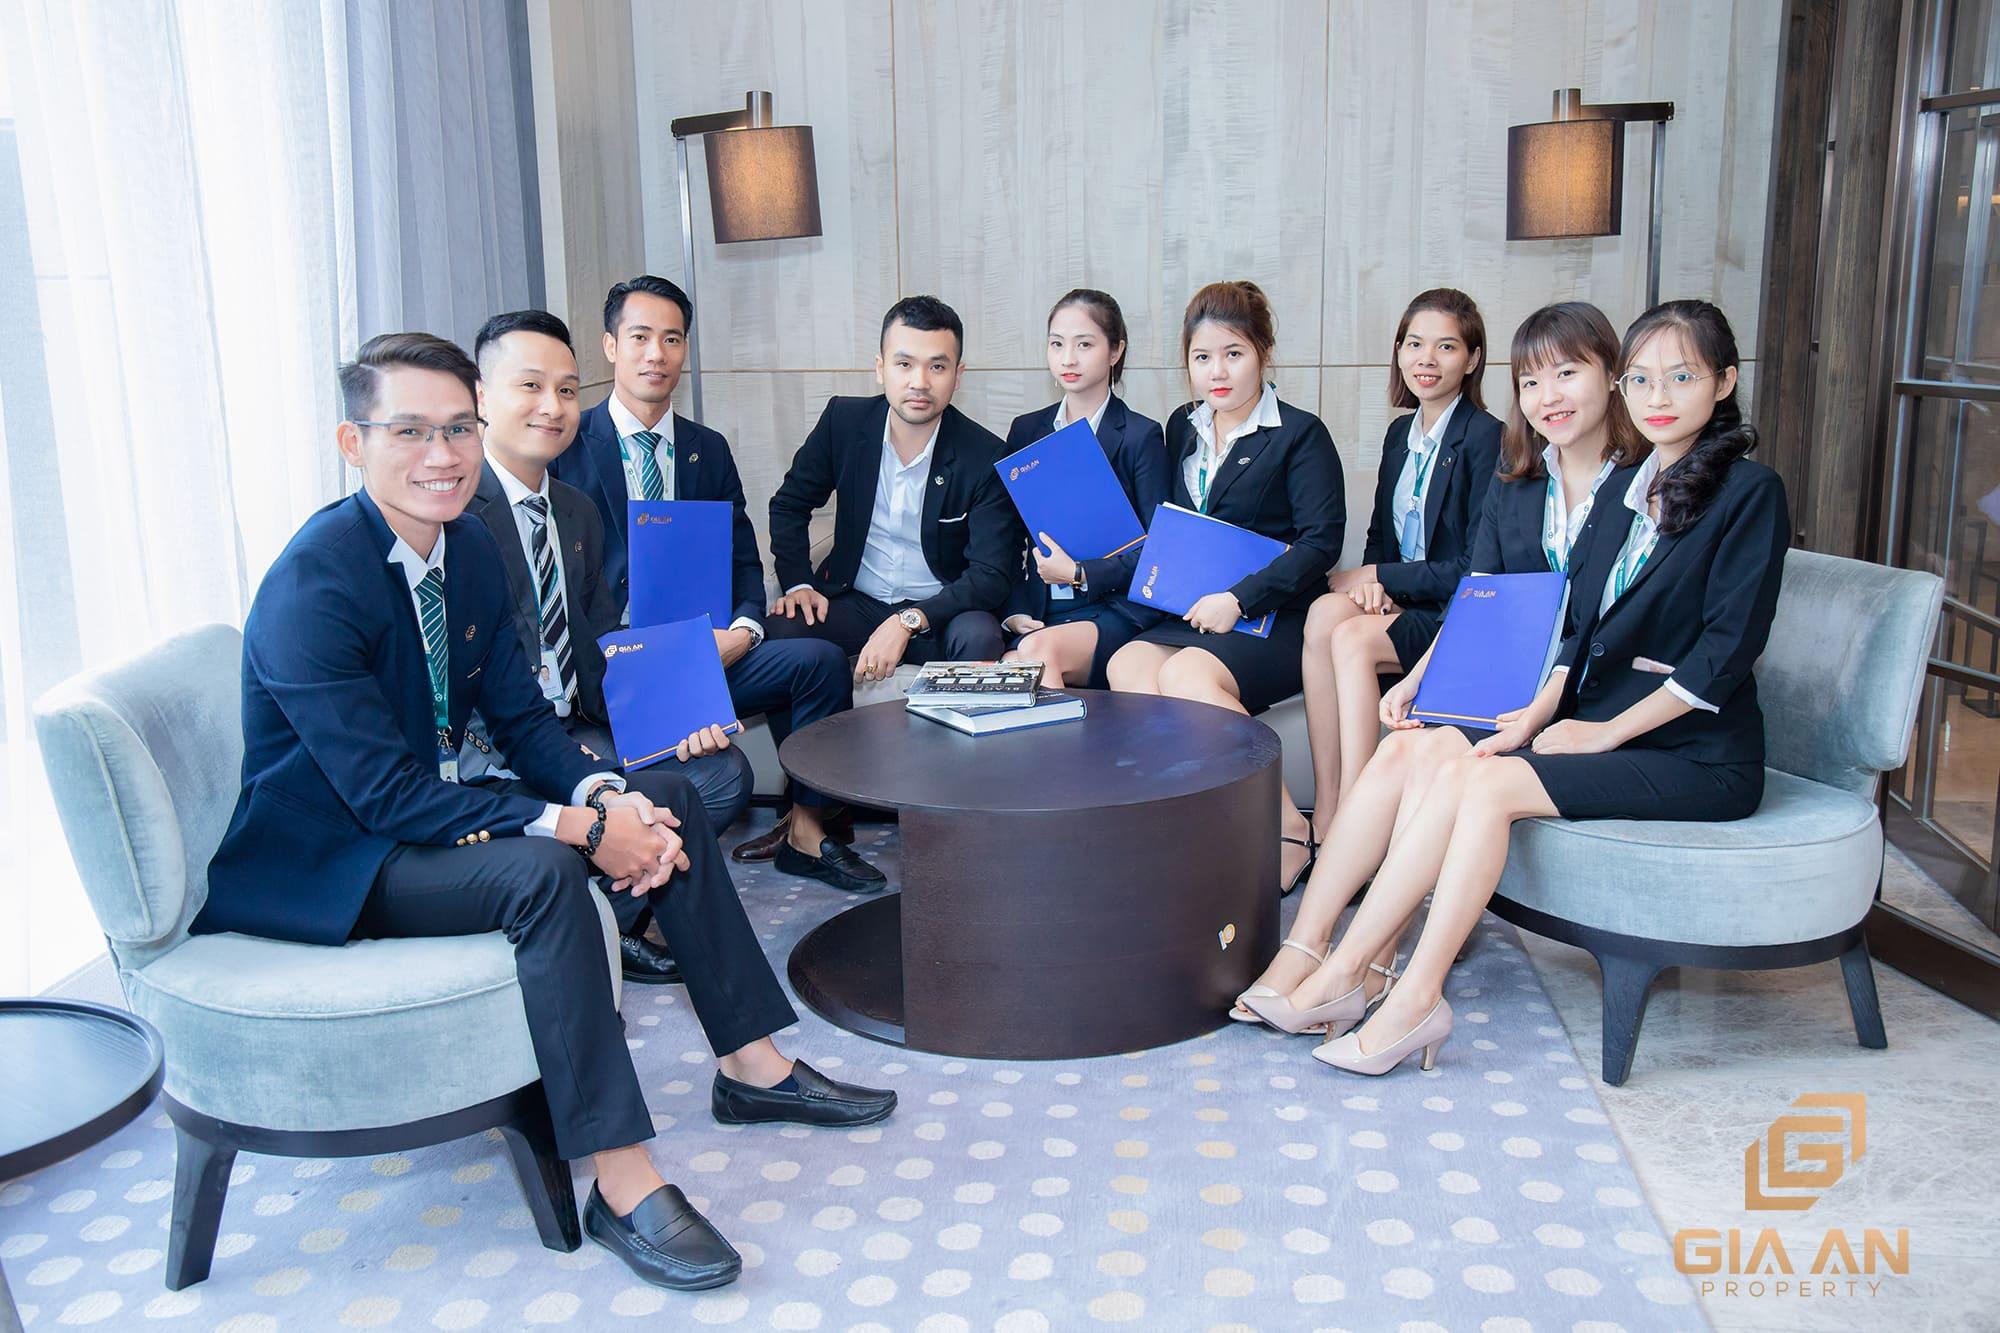 Gia An Property - Điểm đến cho sale bất động sản muốn nâng cao tay nghề Marketing - 19